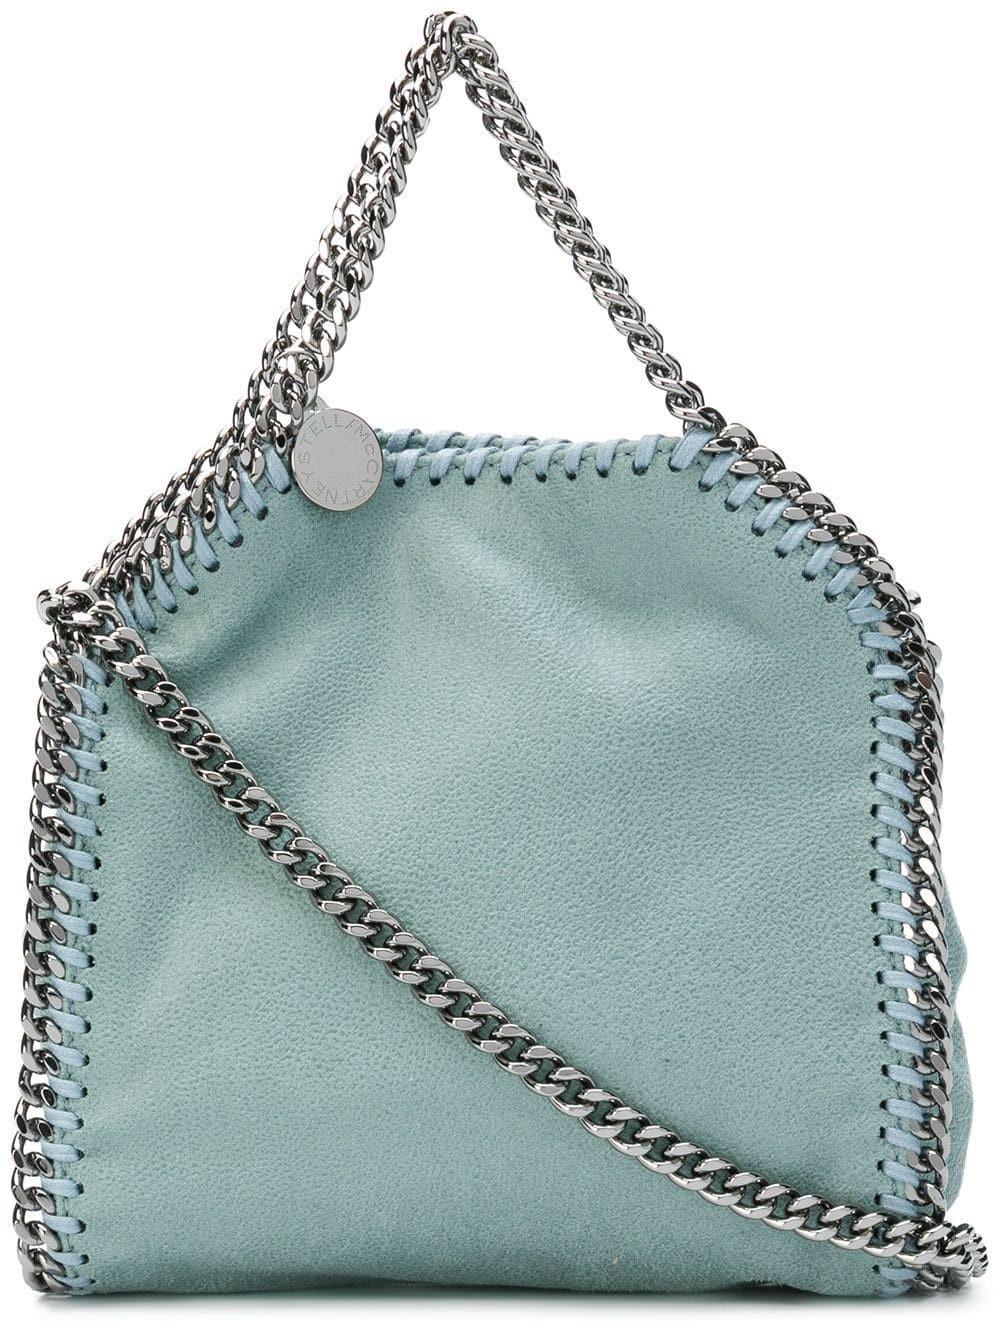 085d8a3813 Lyst - Stella Mccartney Mini Falabella Tote in Blue